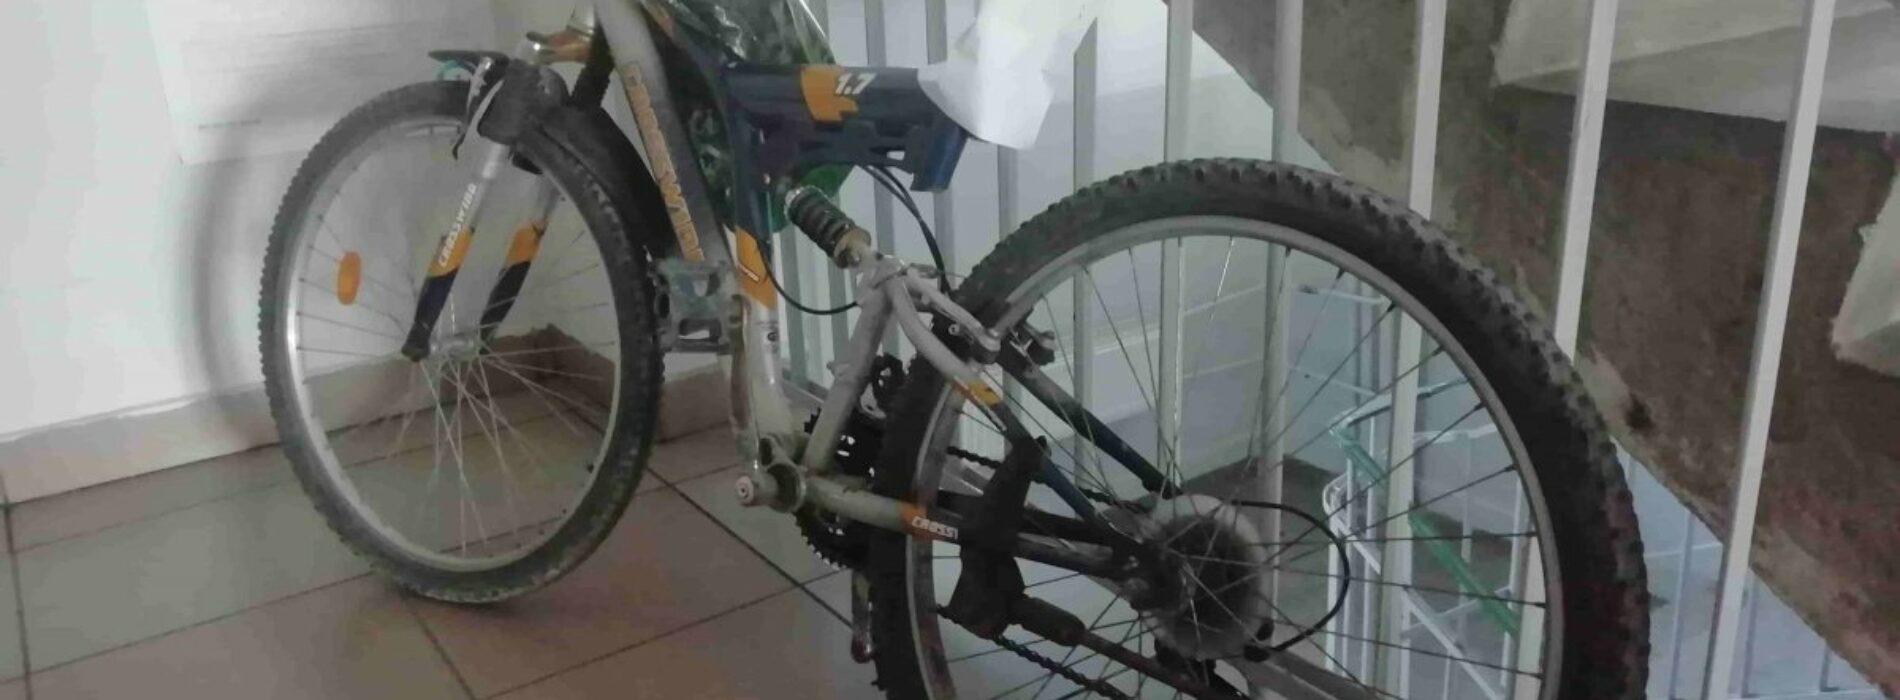 Uparty nietrzeźwy rowerzysta